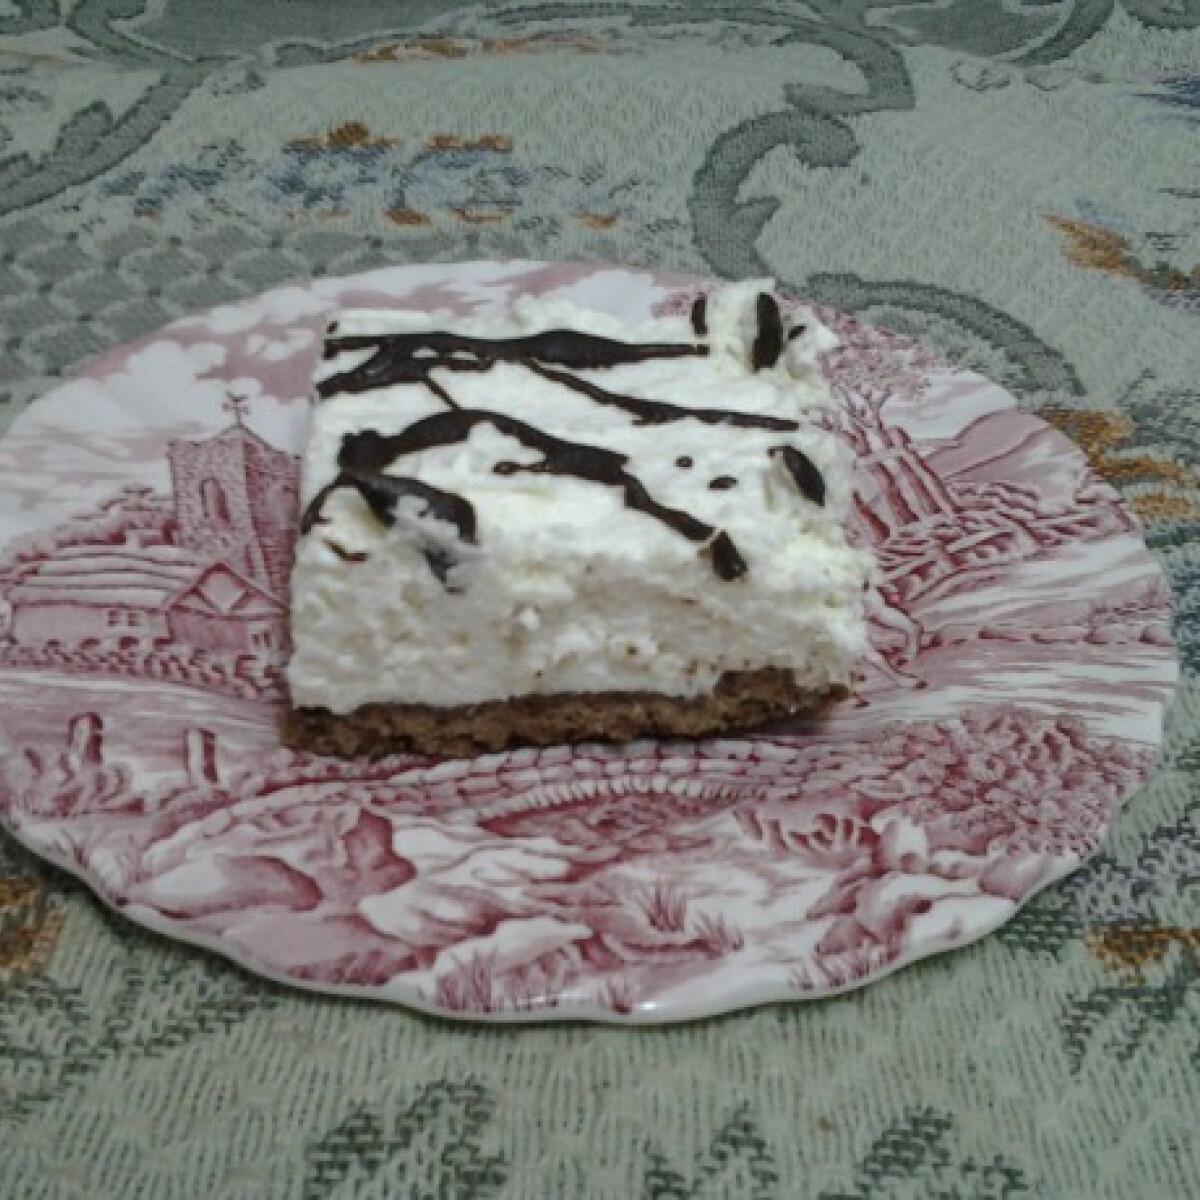 Kókuszos kakaós szelet Angie-30 konyhájából